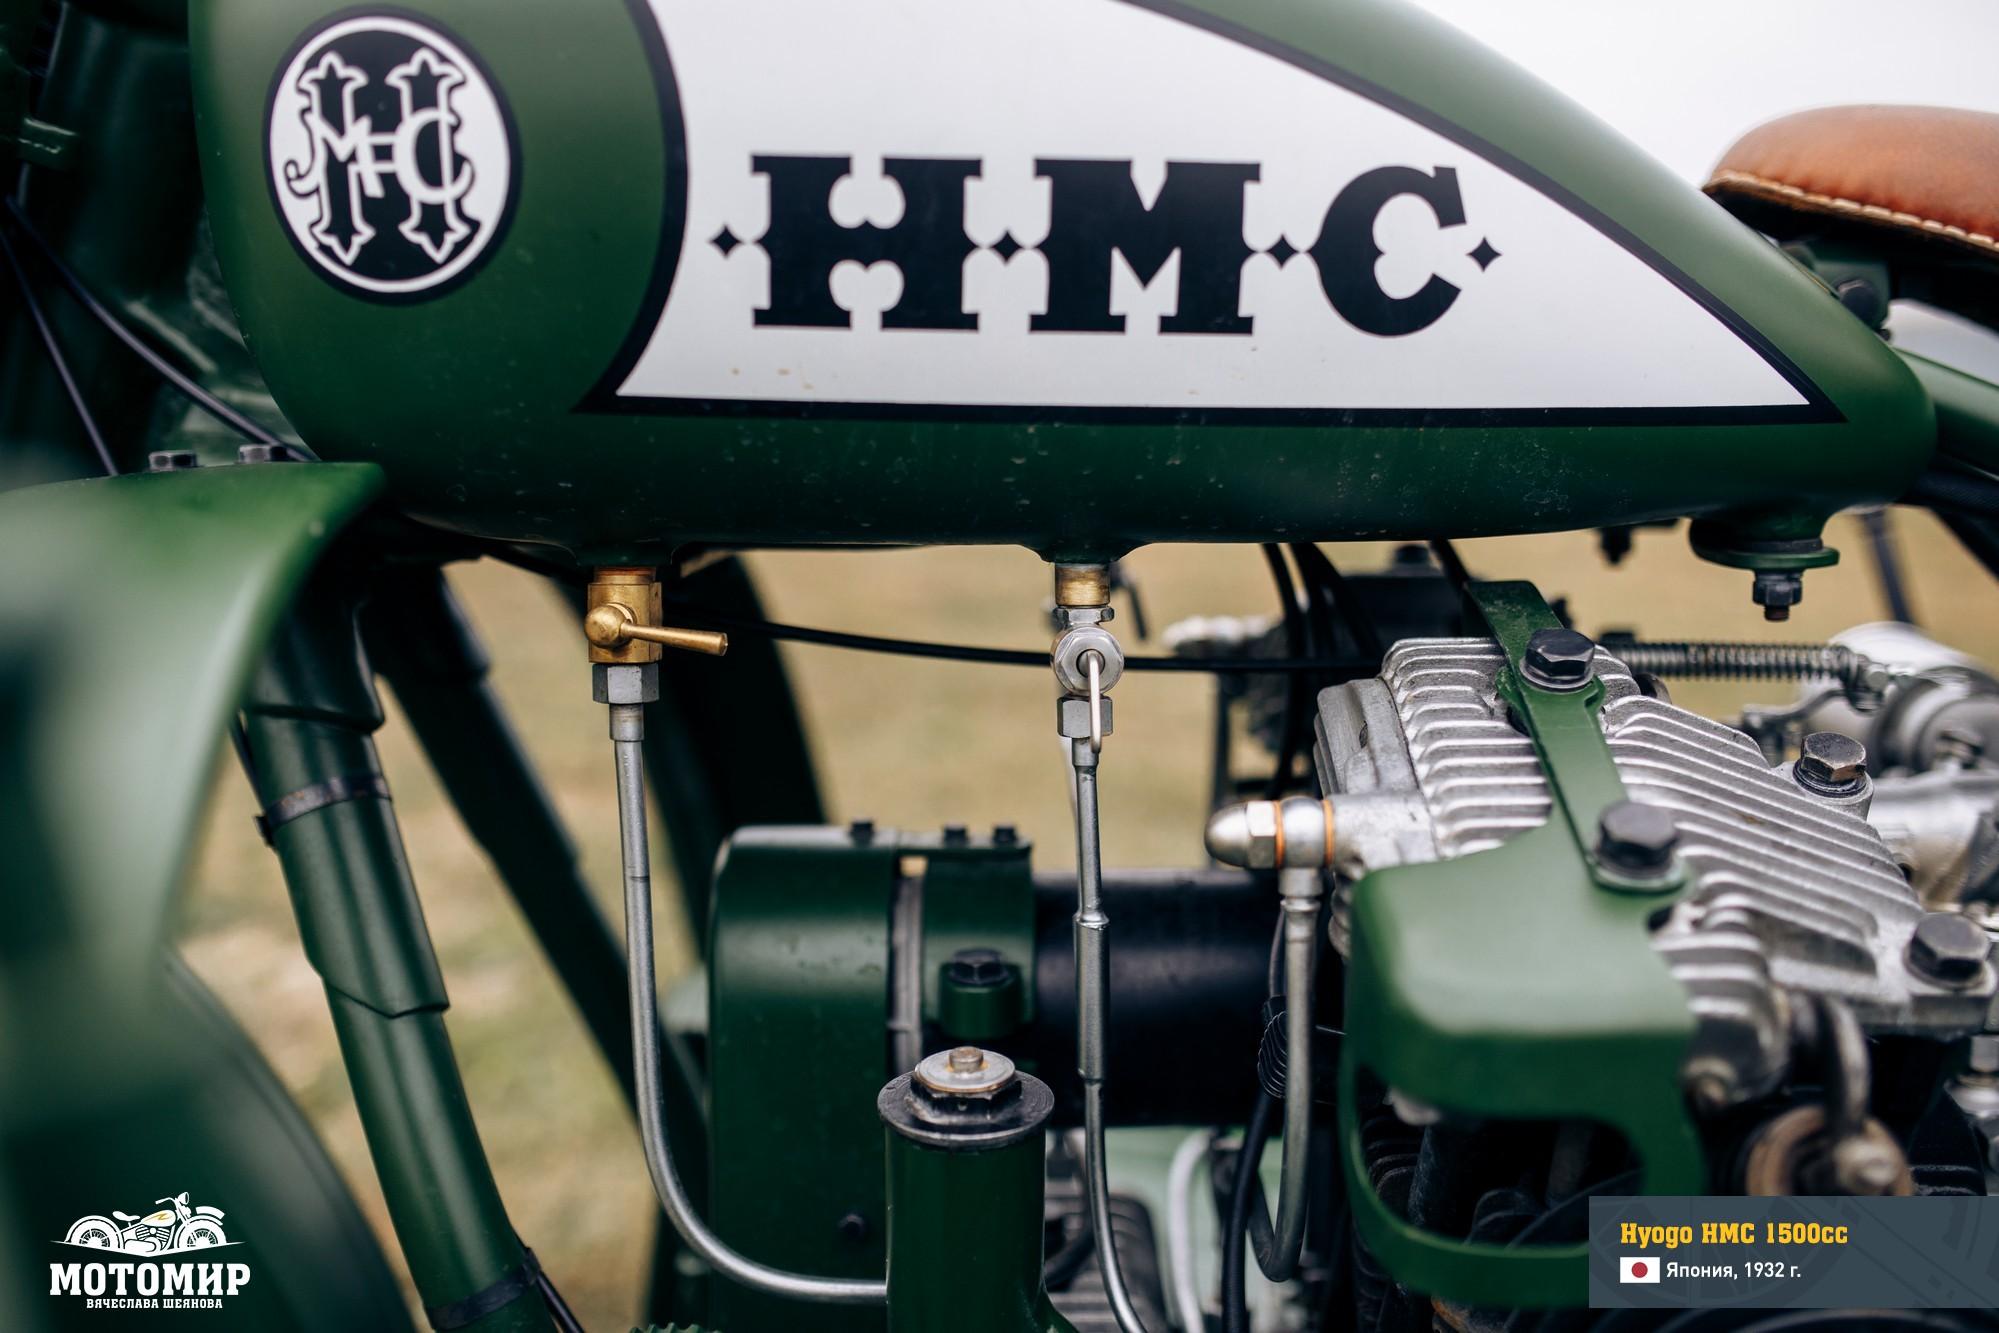 hyogo-hmc-1500-cc-web-31